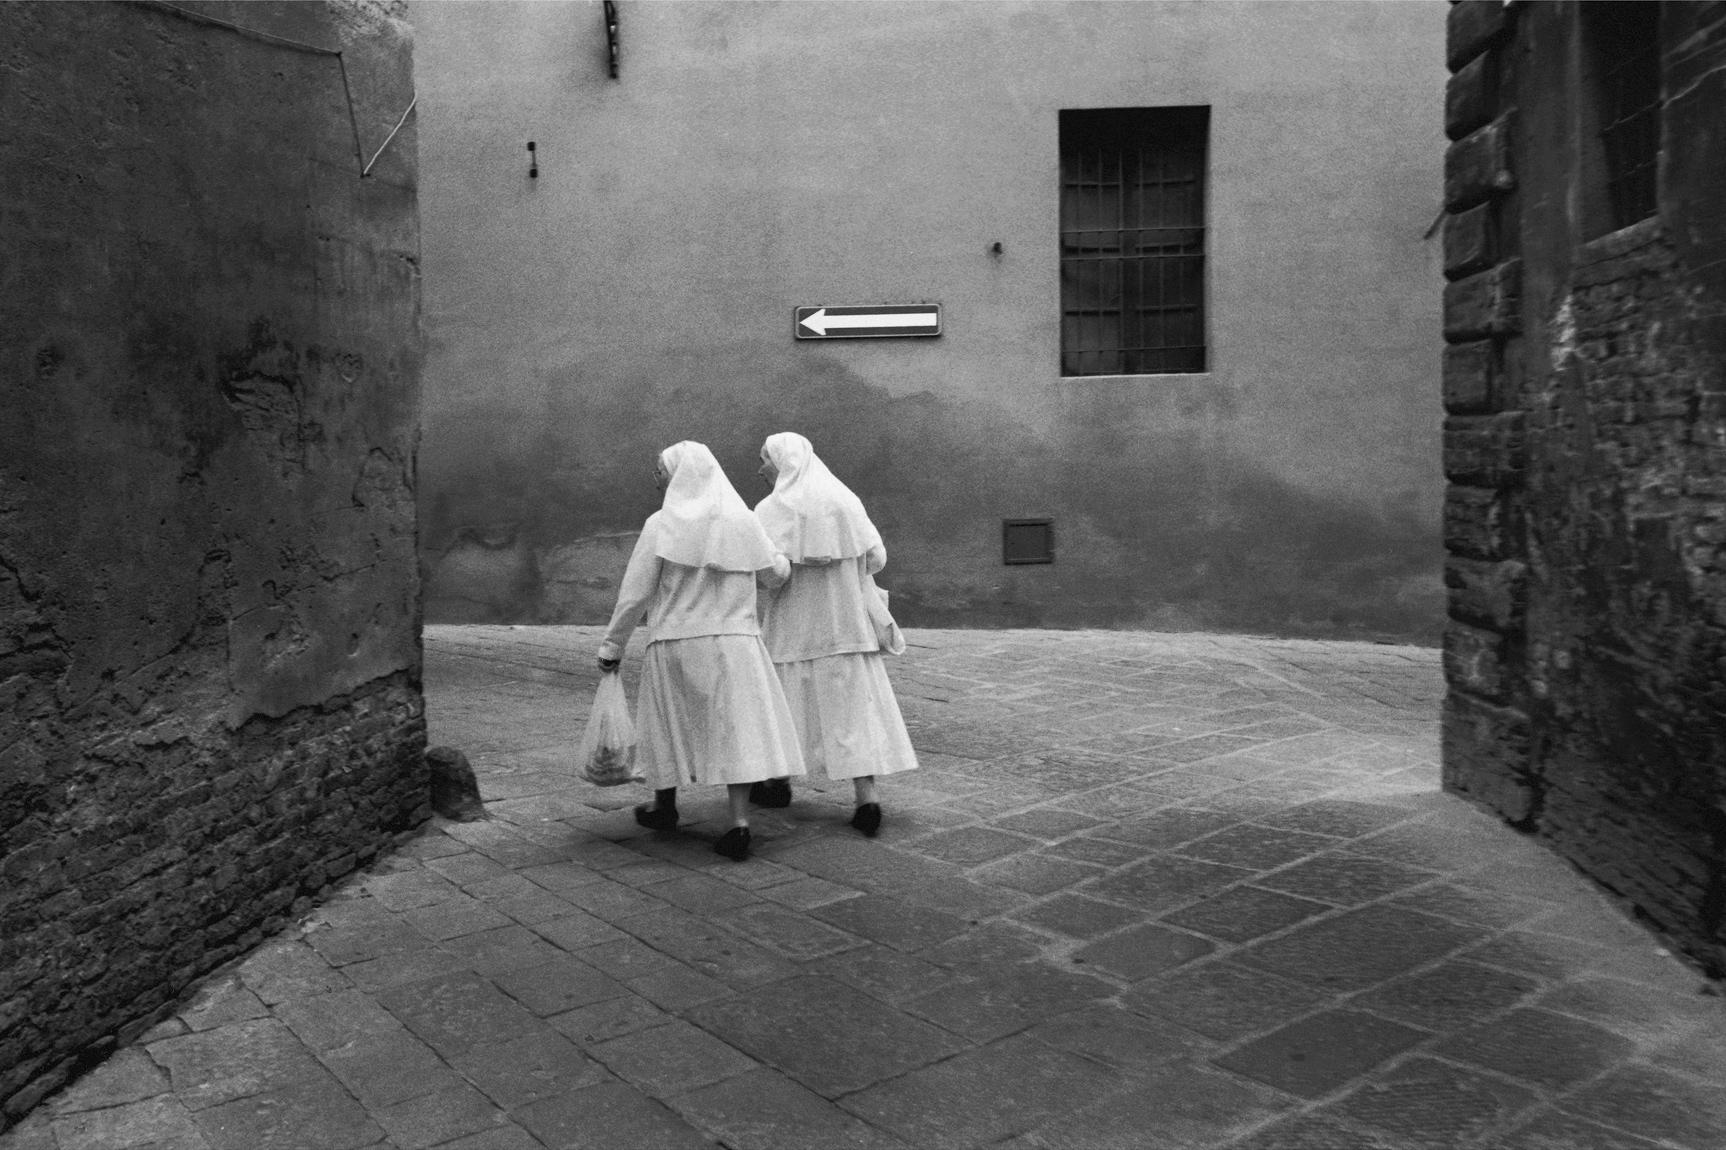 Siena, Italy (030261)